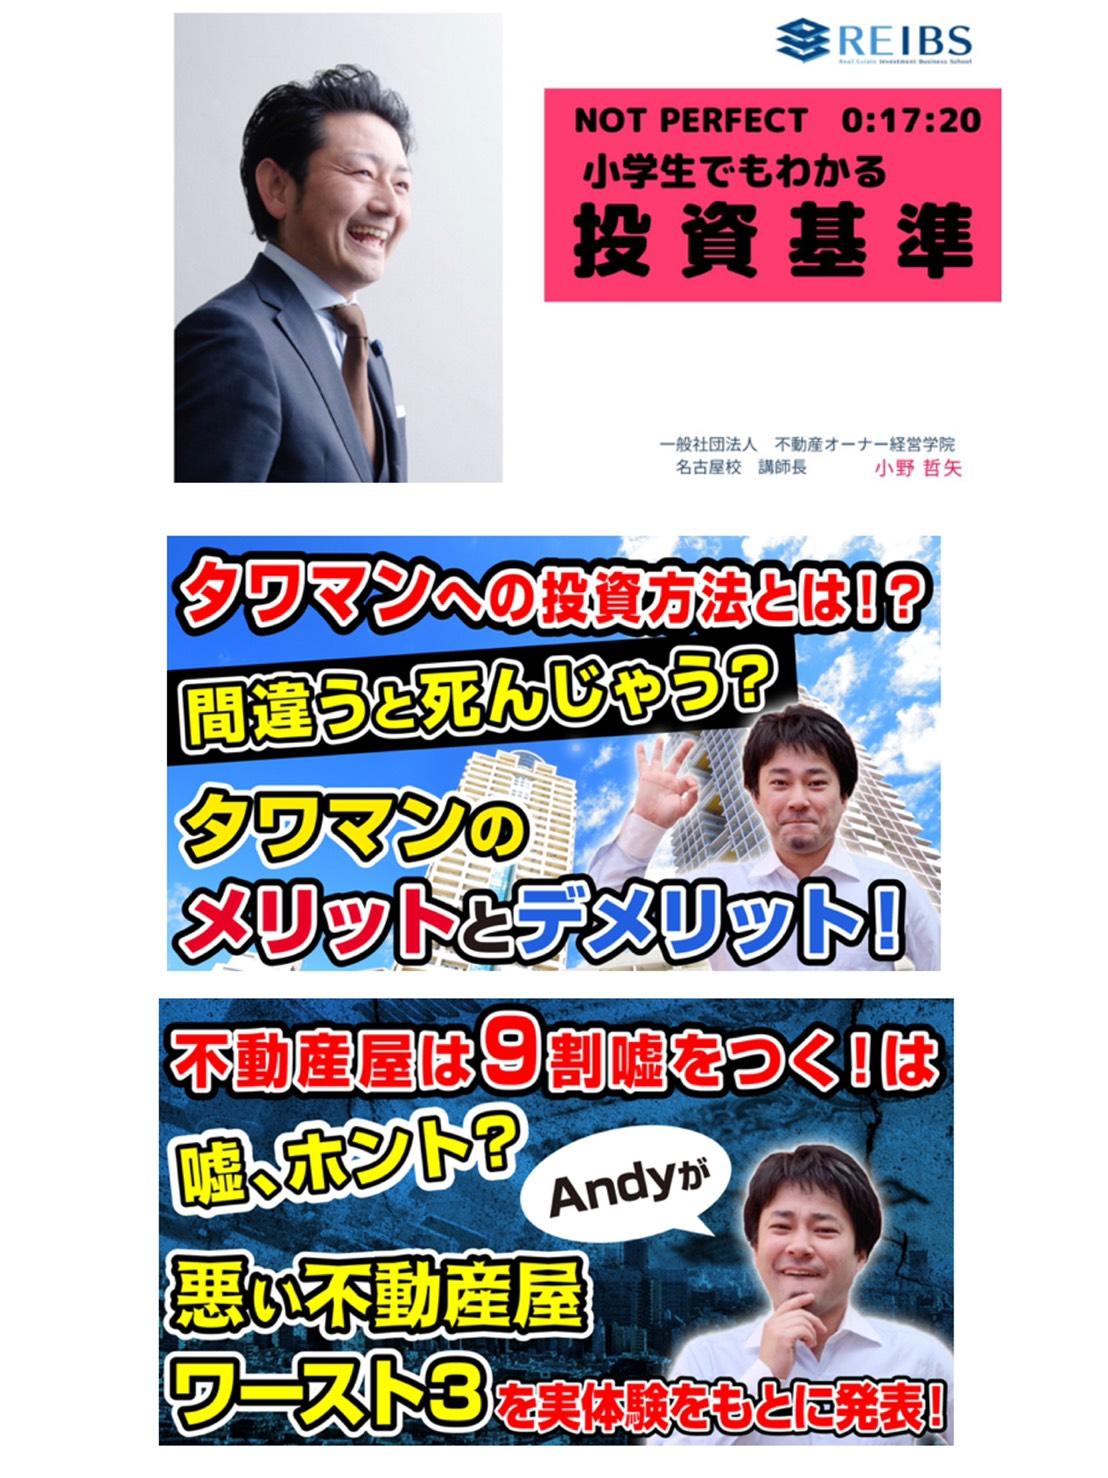 不動産オーナー経営学院REIBS学長横山篤司、講師小野哲矢のYoutube配信、投資基準、タワマンへの投資方法とは、悪い不動産屋ワースト3